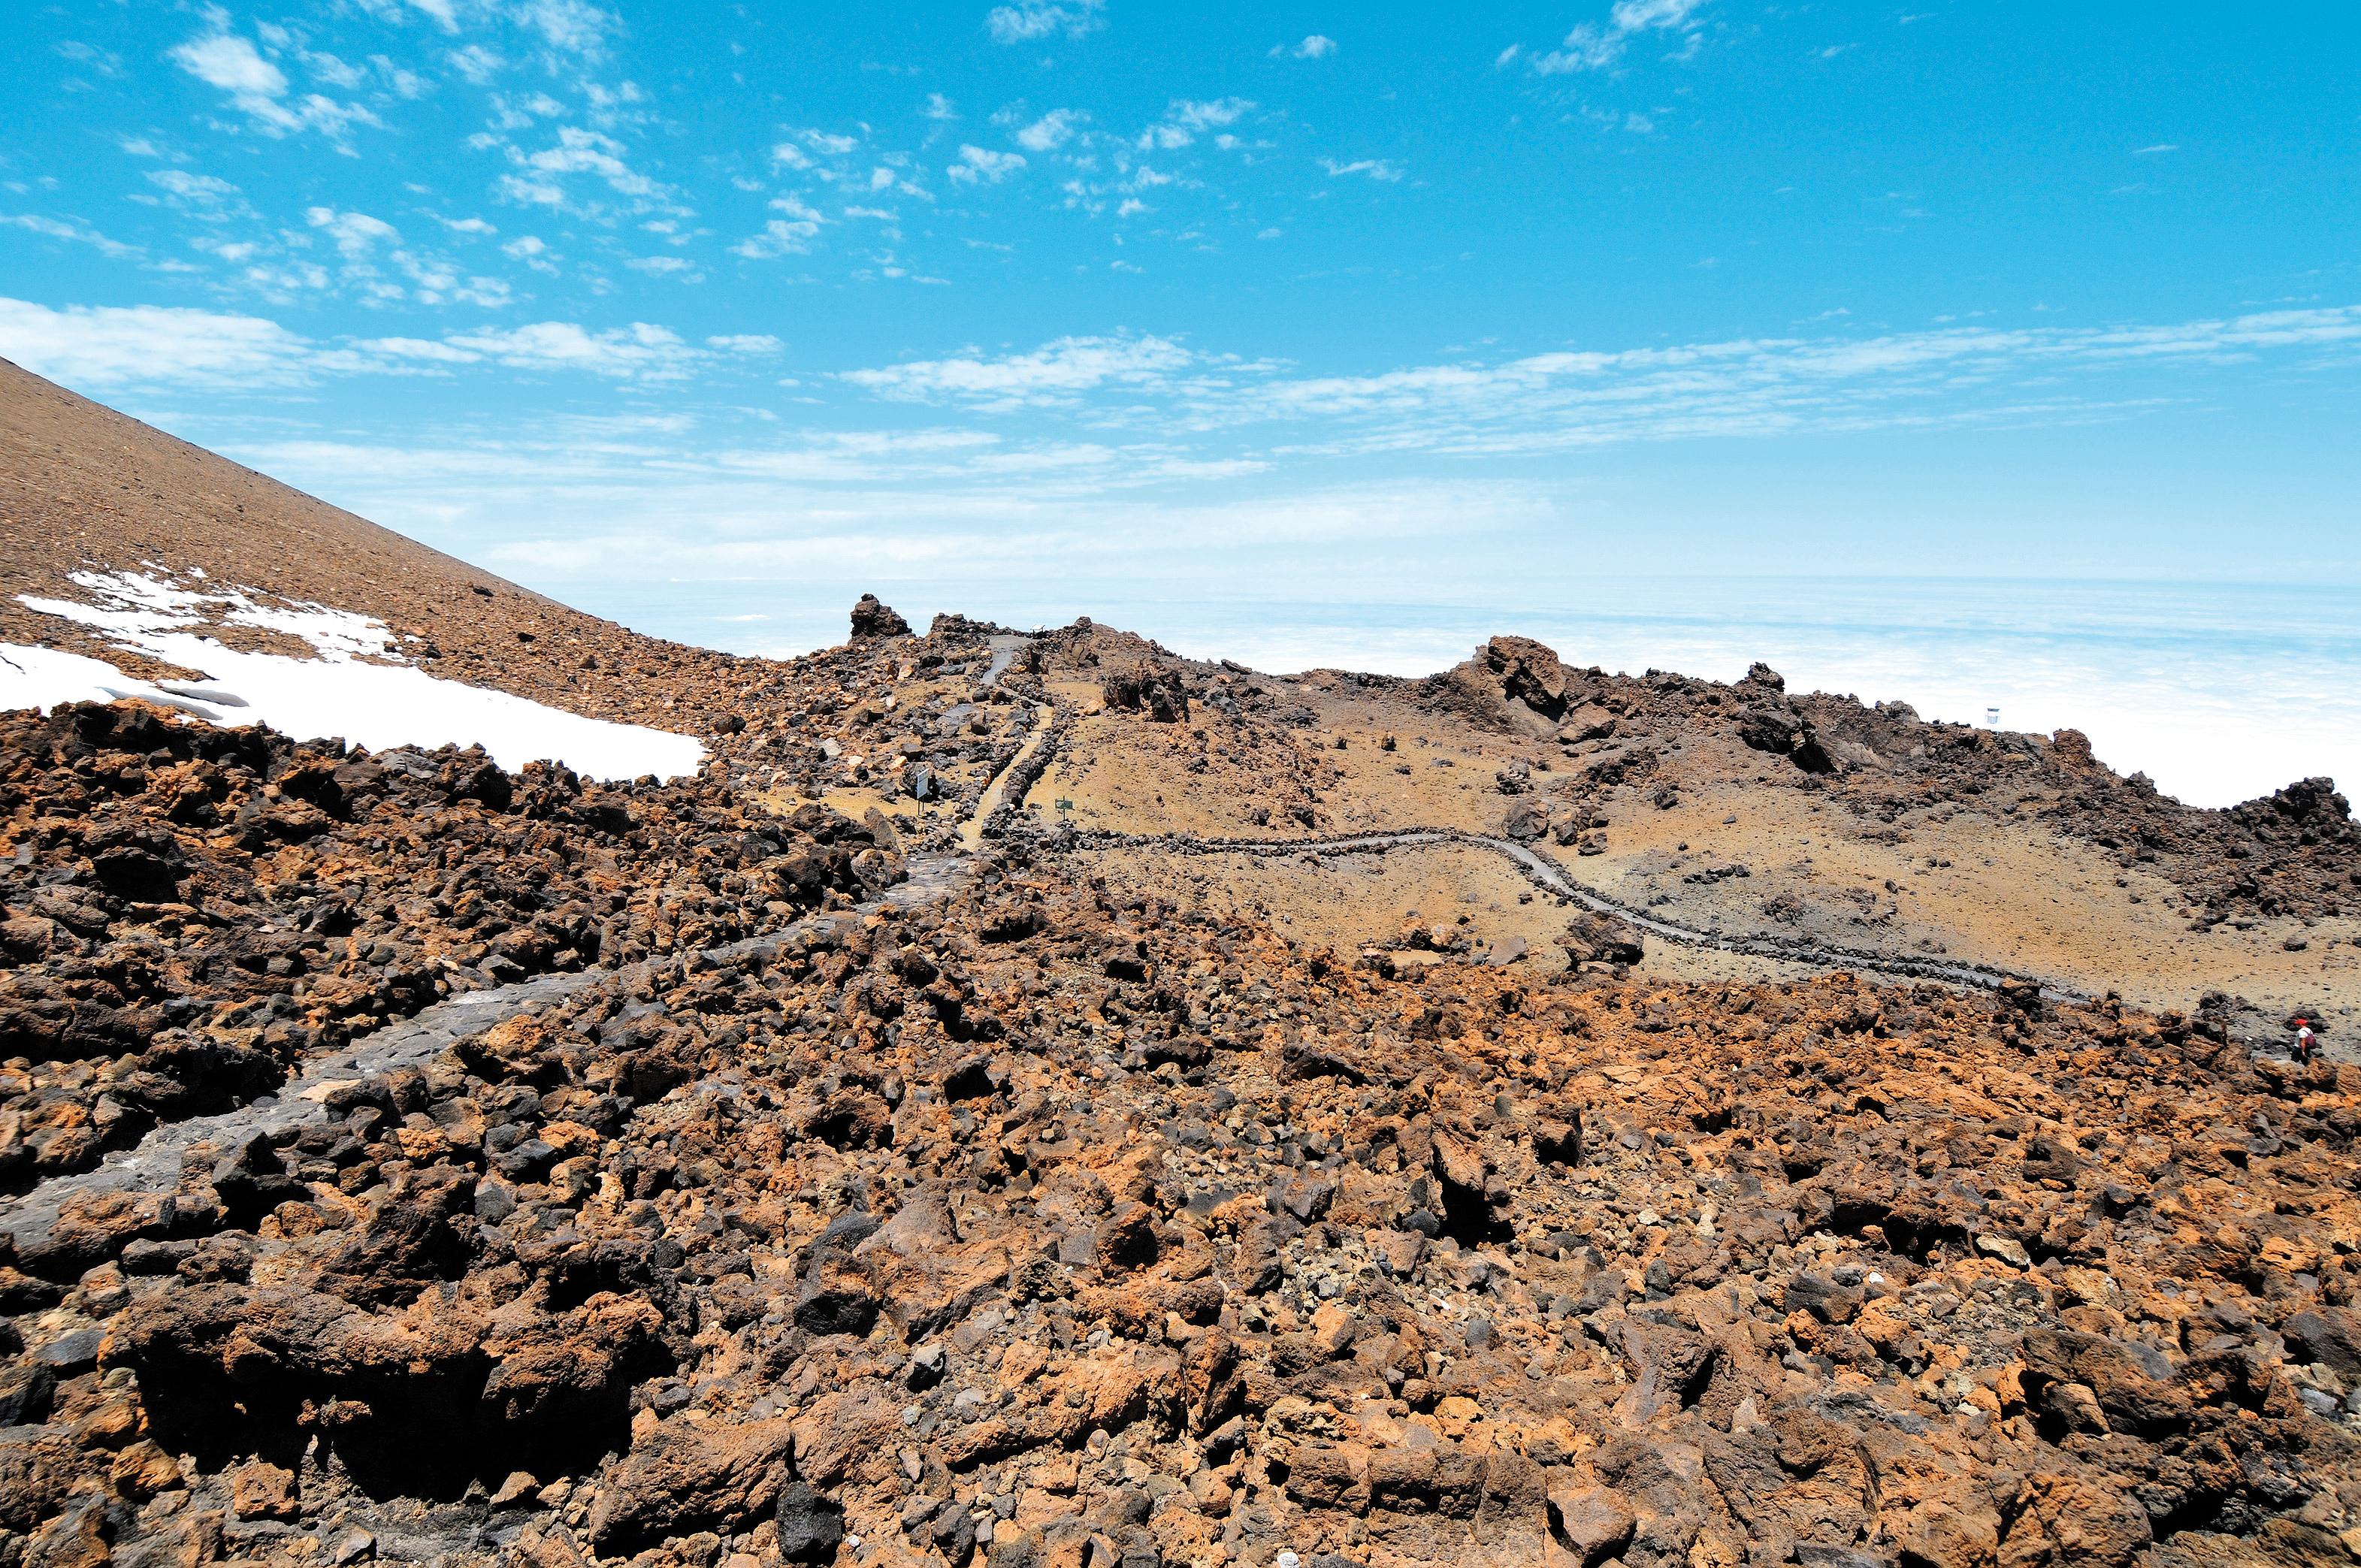 Qualche alternativa per salire sul Teide senza permesso: La Fortaleza